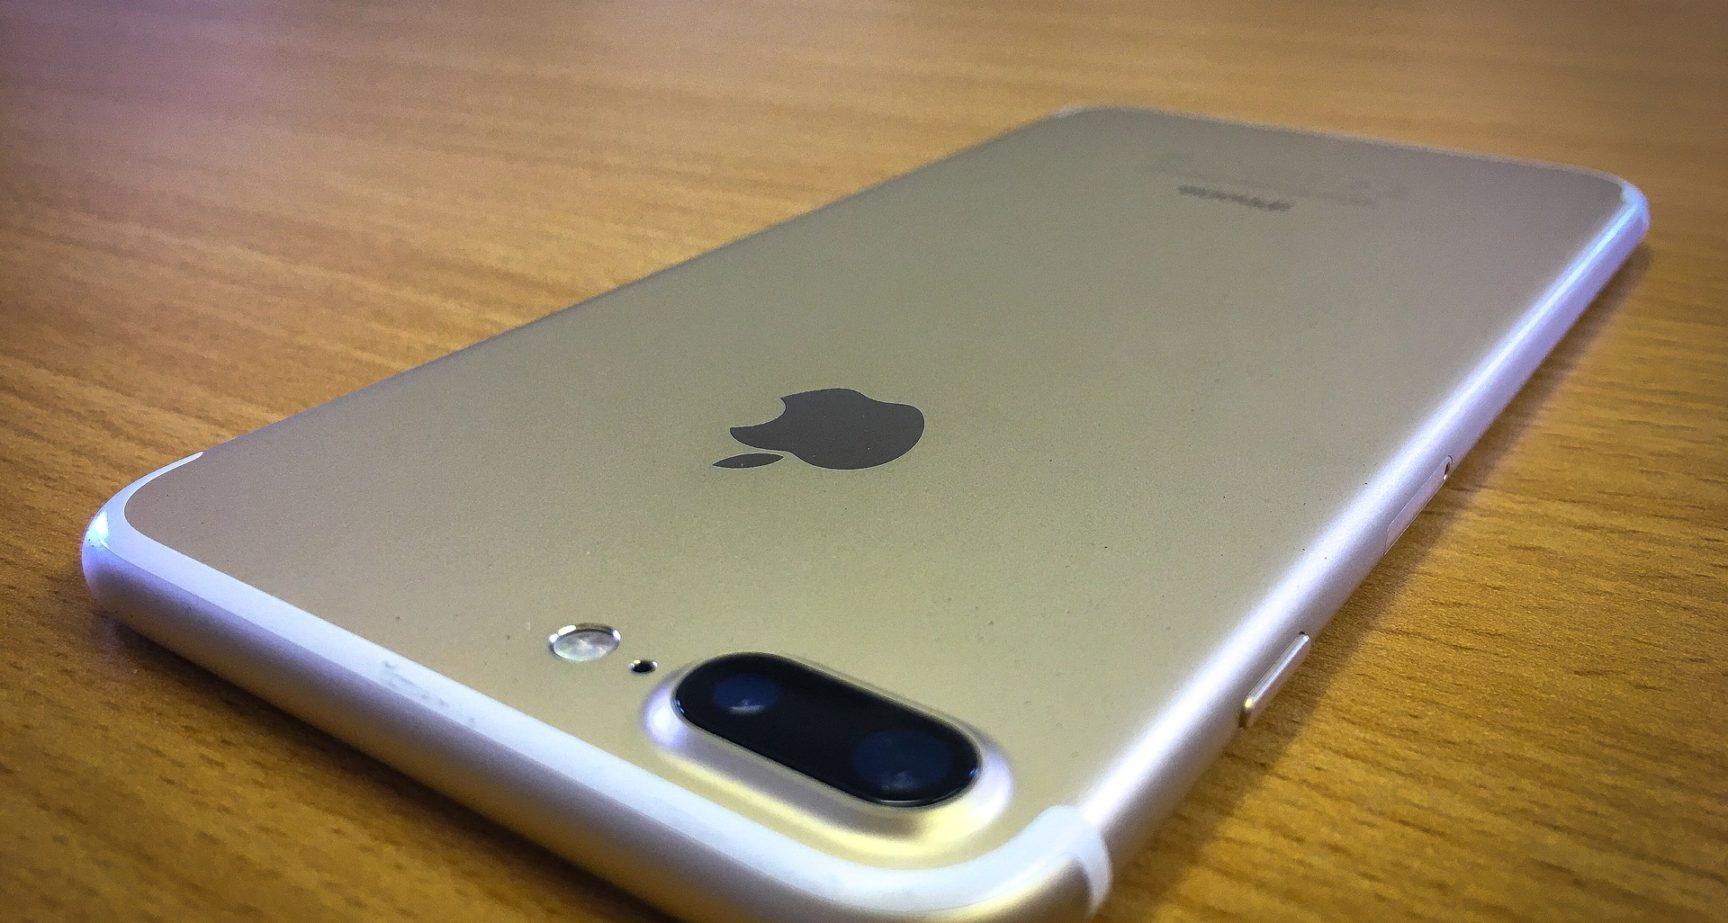 Apple sätter sin användarvänliga stämpel på de nya iPhone 7 kamerorna